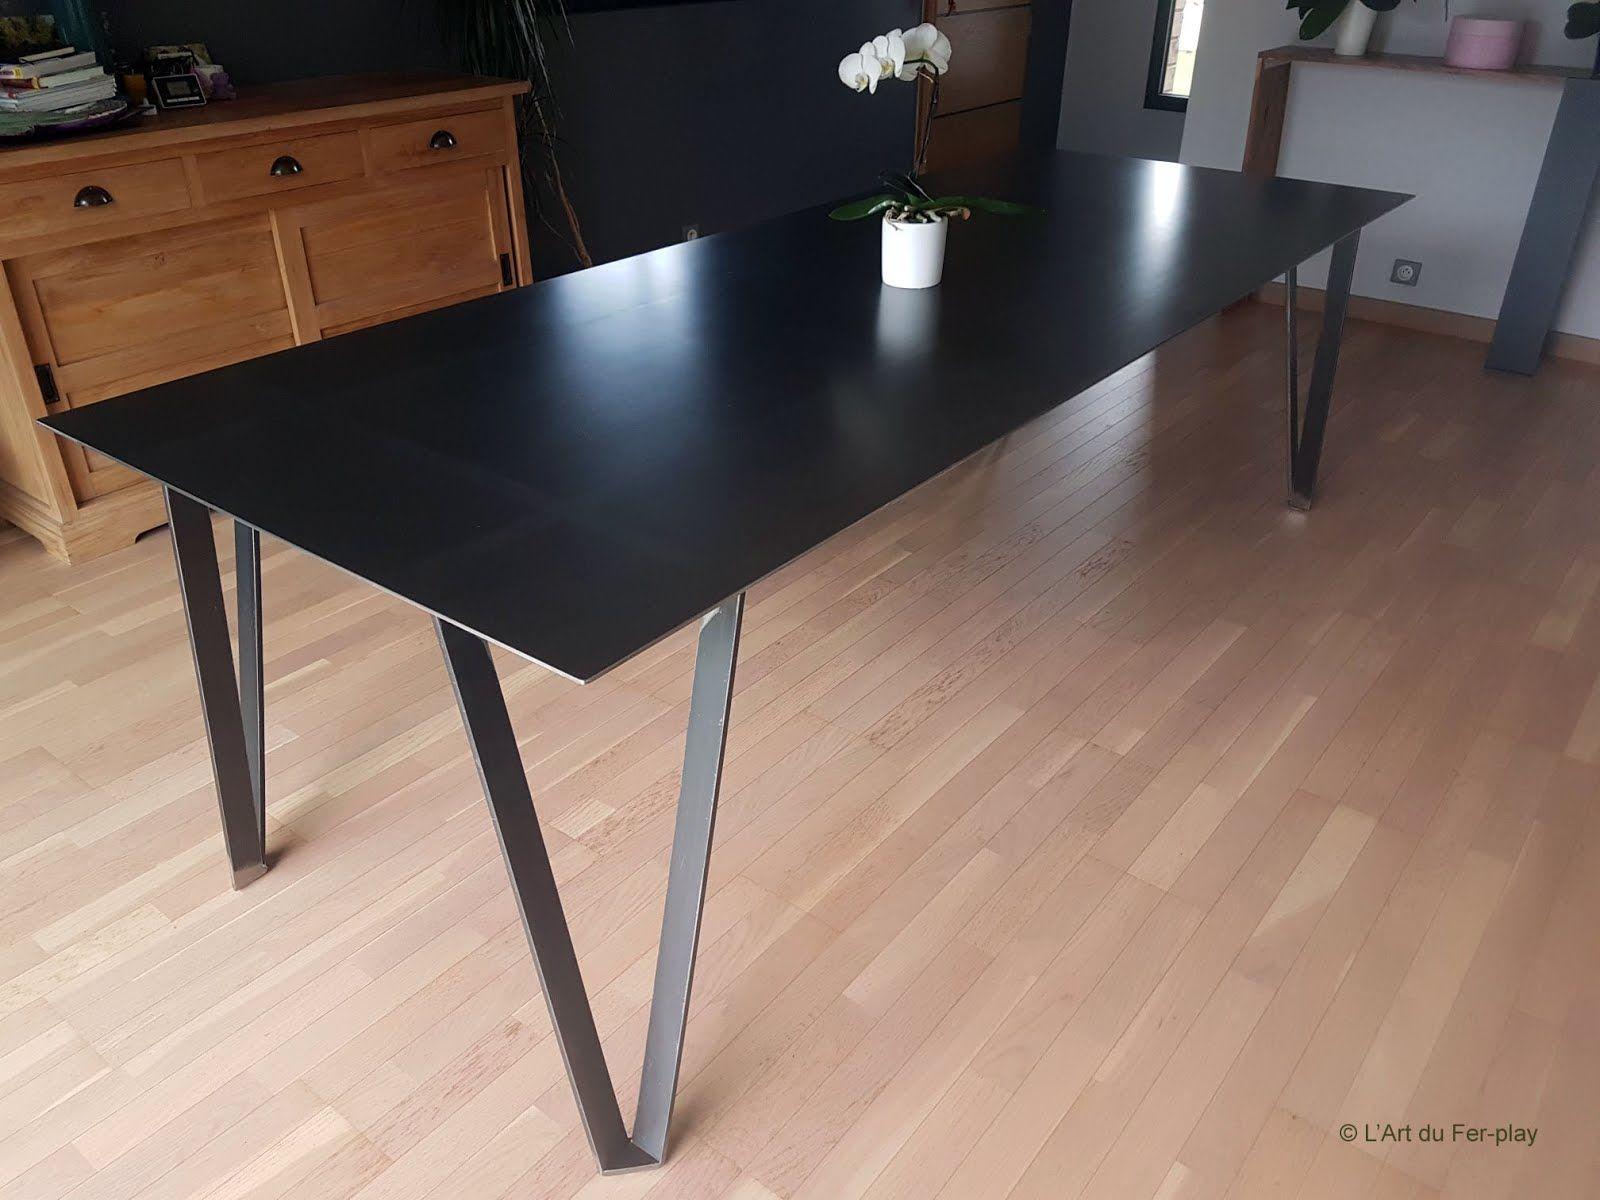 Table Tout Acier Fine L G Re Et Rigide Plateau En T Le  # Modele Des Tables Pour Television Plasma En Fer Forge